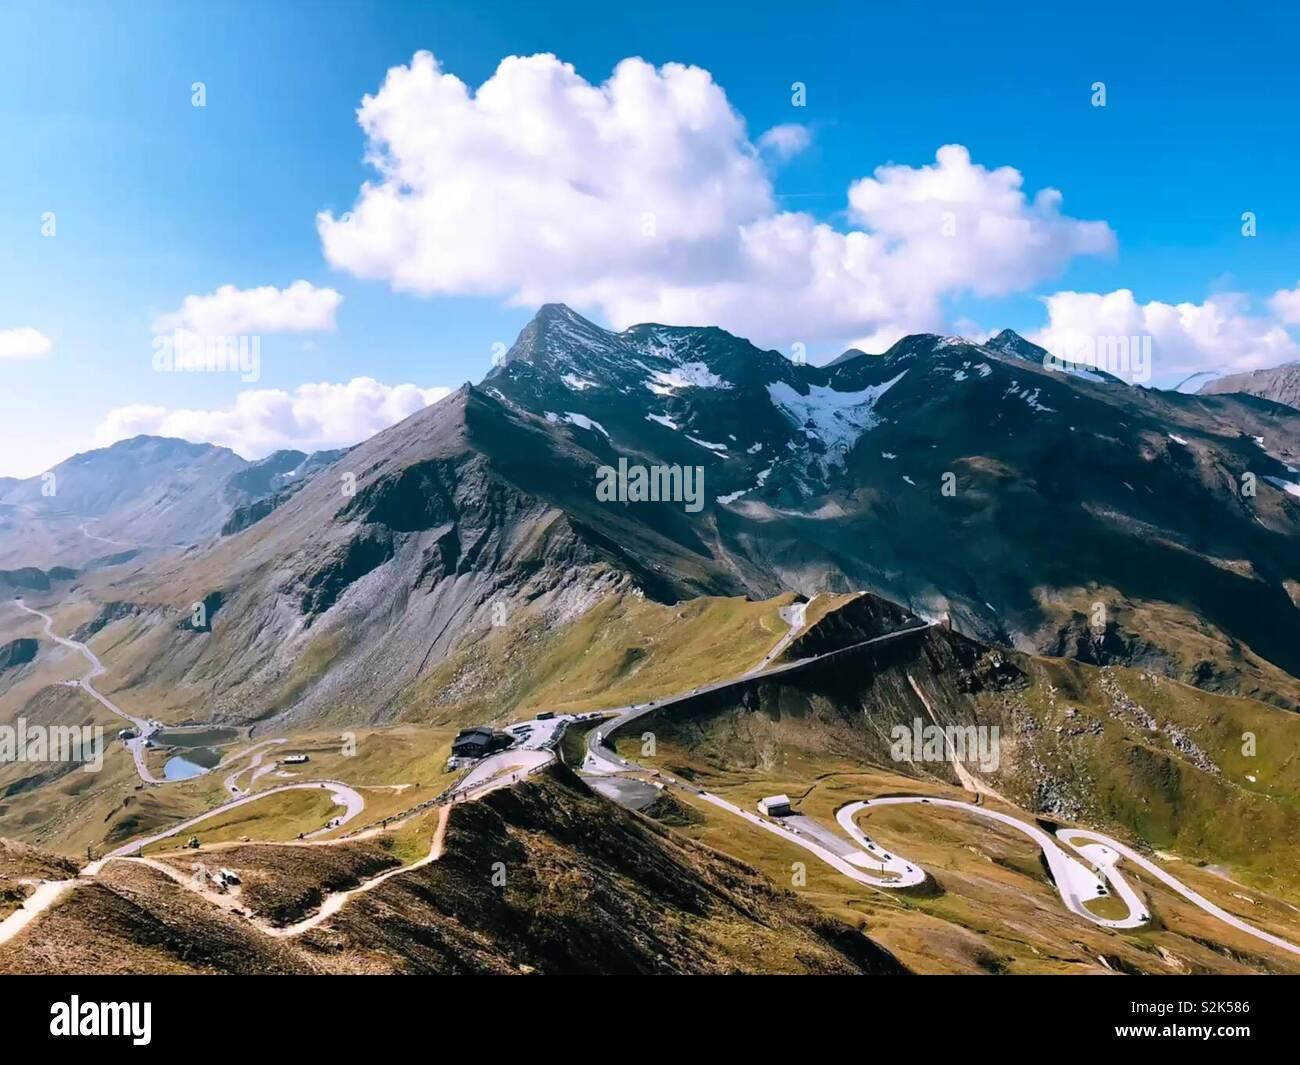 Strada migliore nel mondo. Grossglockner valico alpino Austria. Foto Stock